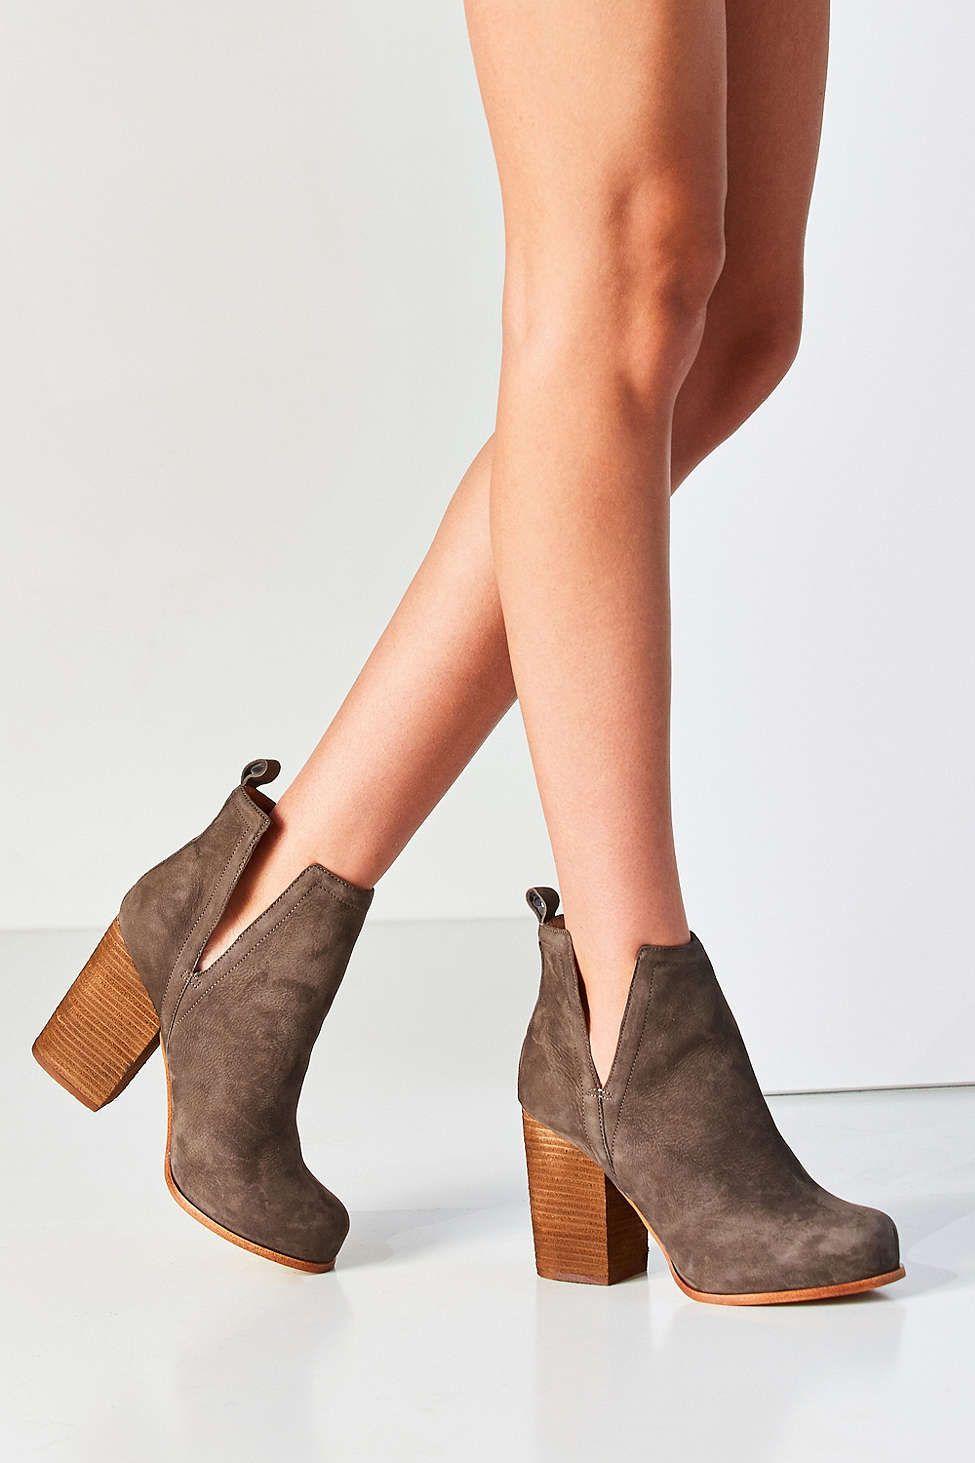 New LookWillis 3 Scarpe con Cinturino alla Caviglia Donna Beige Beige j5P